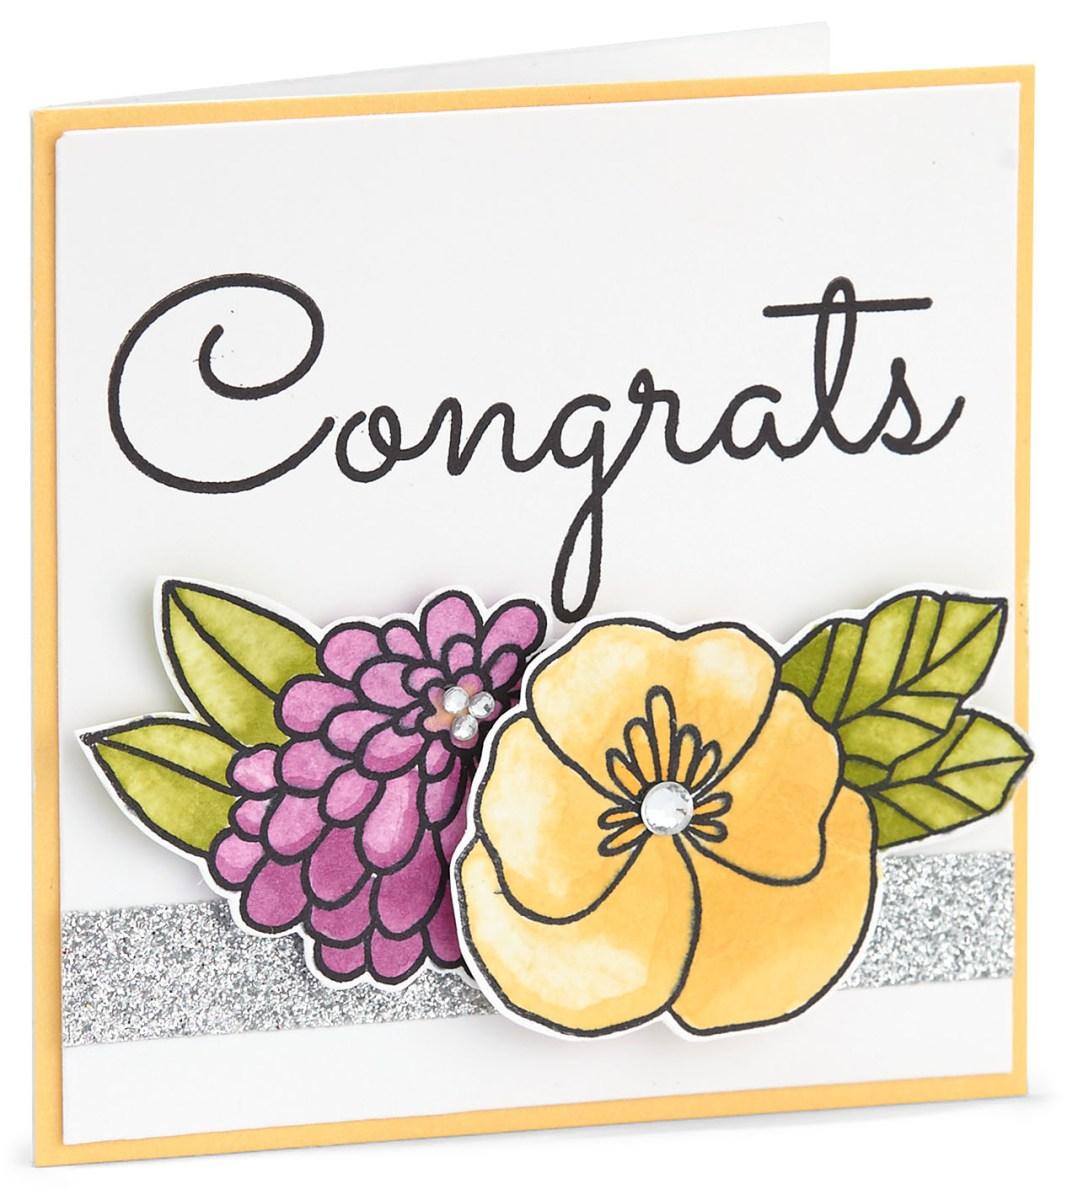 Marker Shading Technique #ctmh #closetomyheart #cardmaking #markers #markershading #markertechnique #congrats